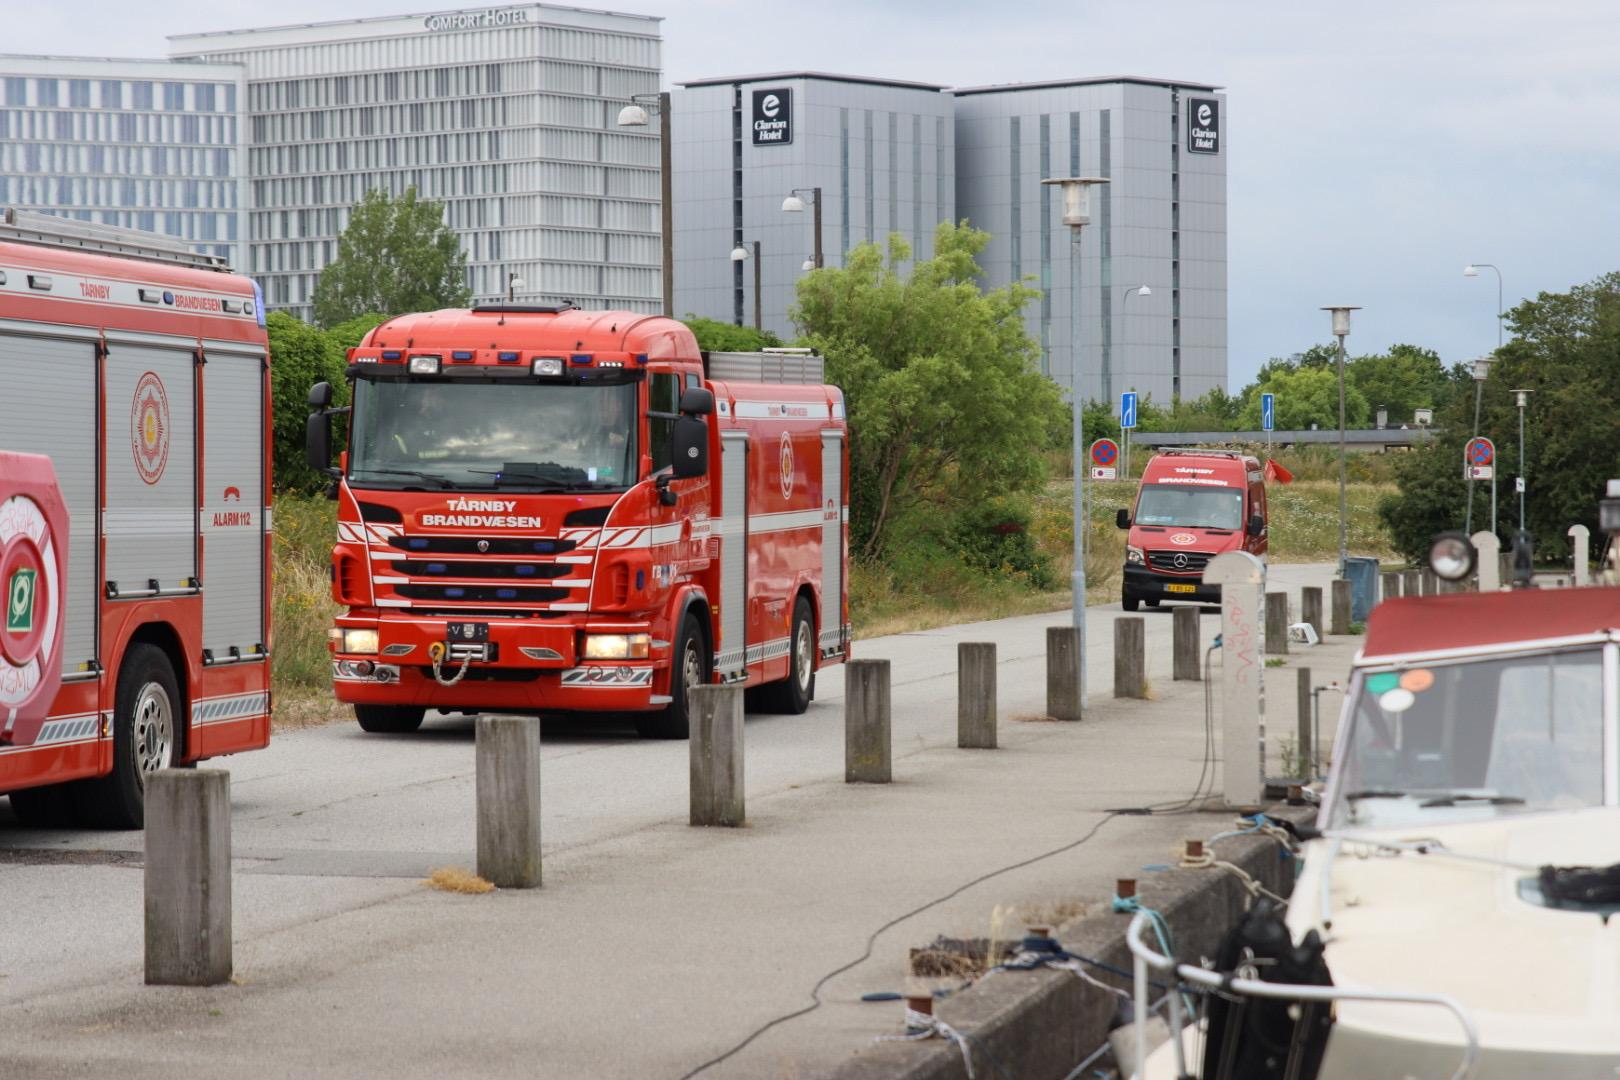 Bådsbrand i Kastrup - båd afgiver voldsom røg